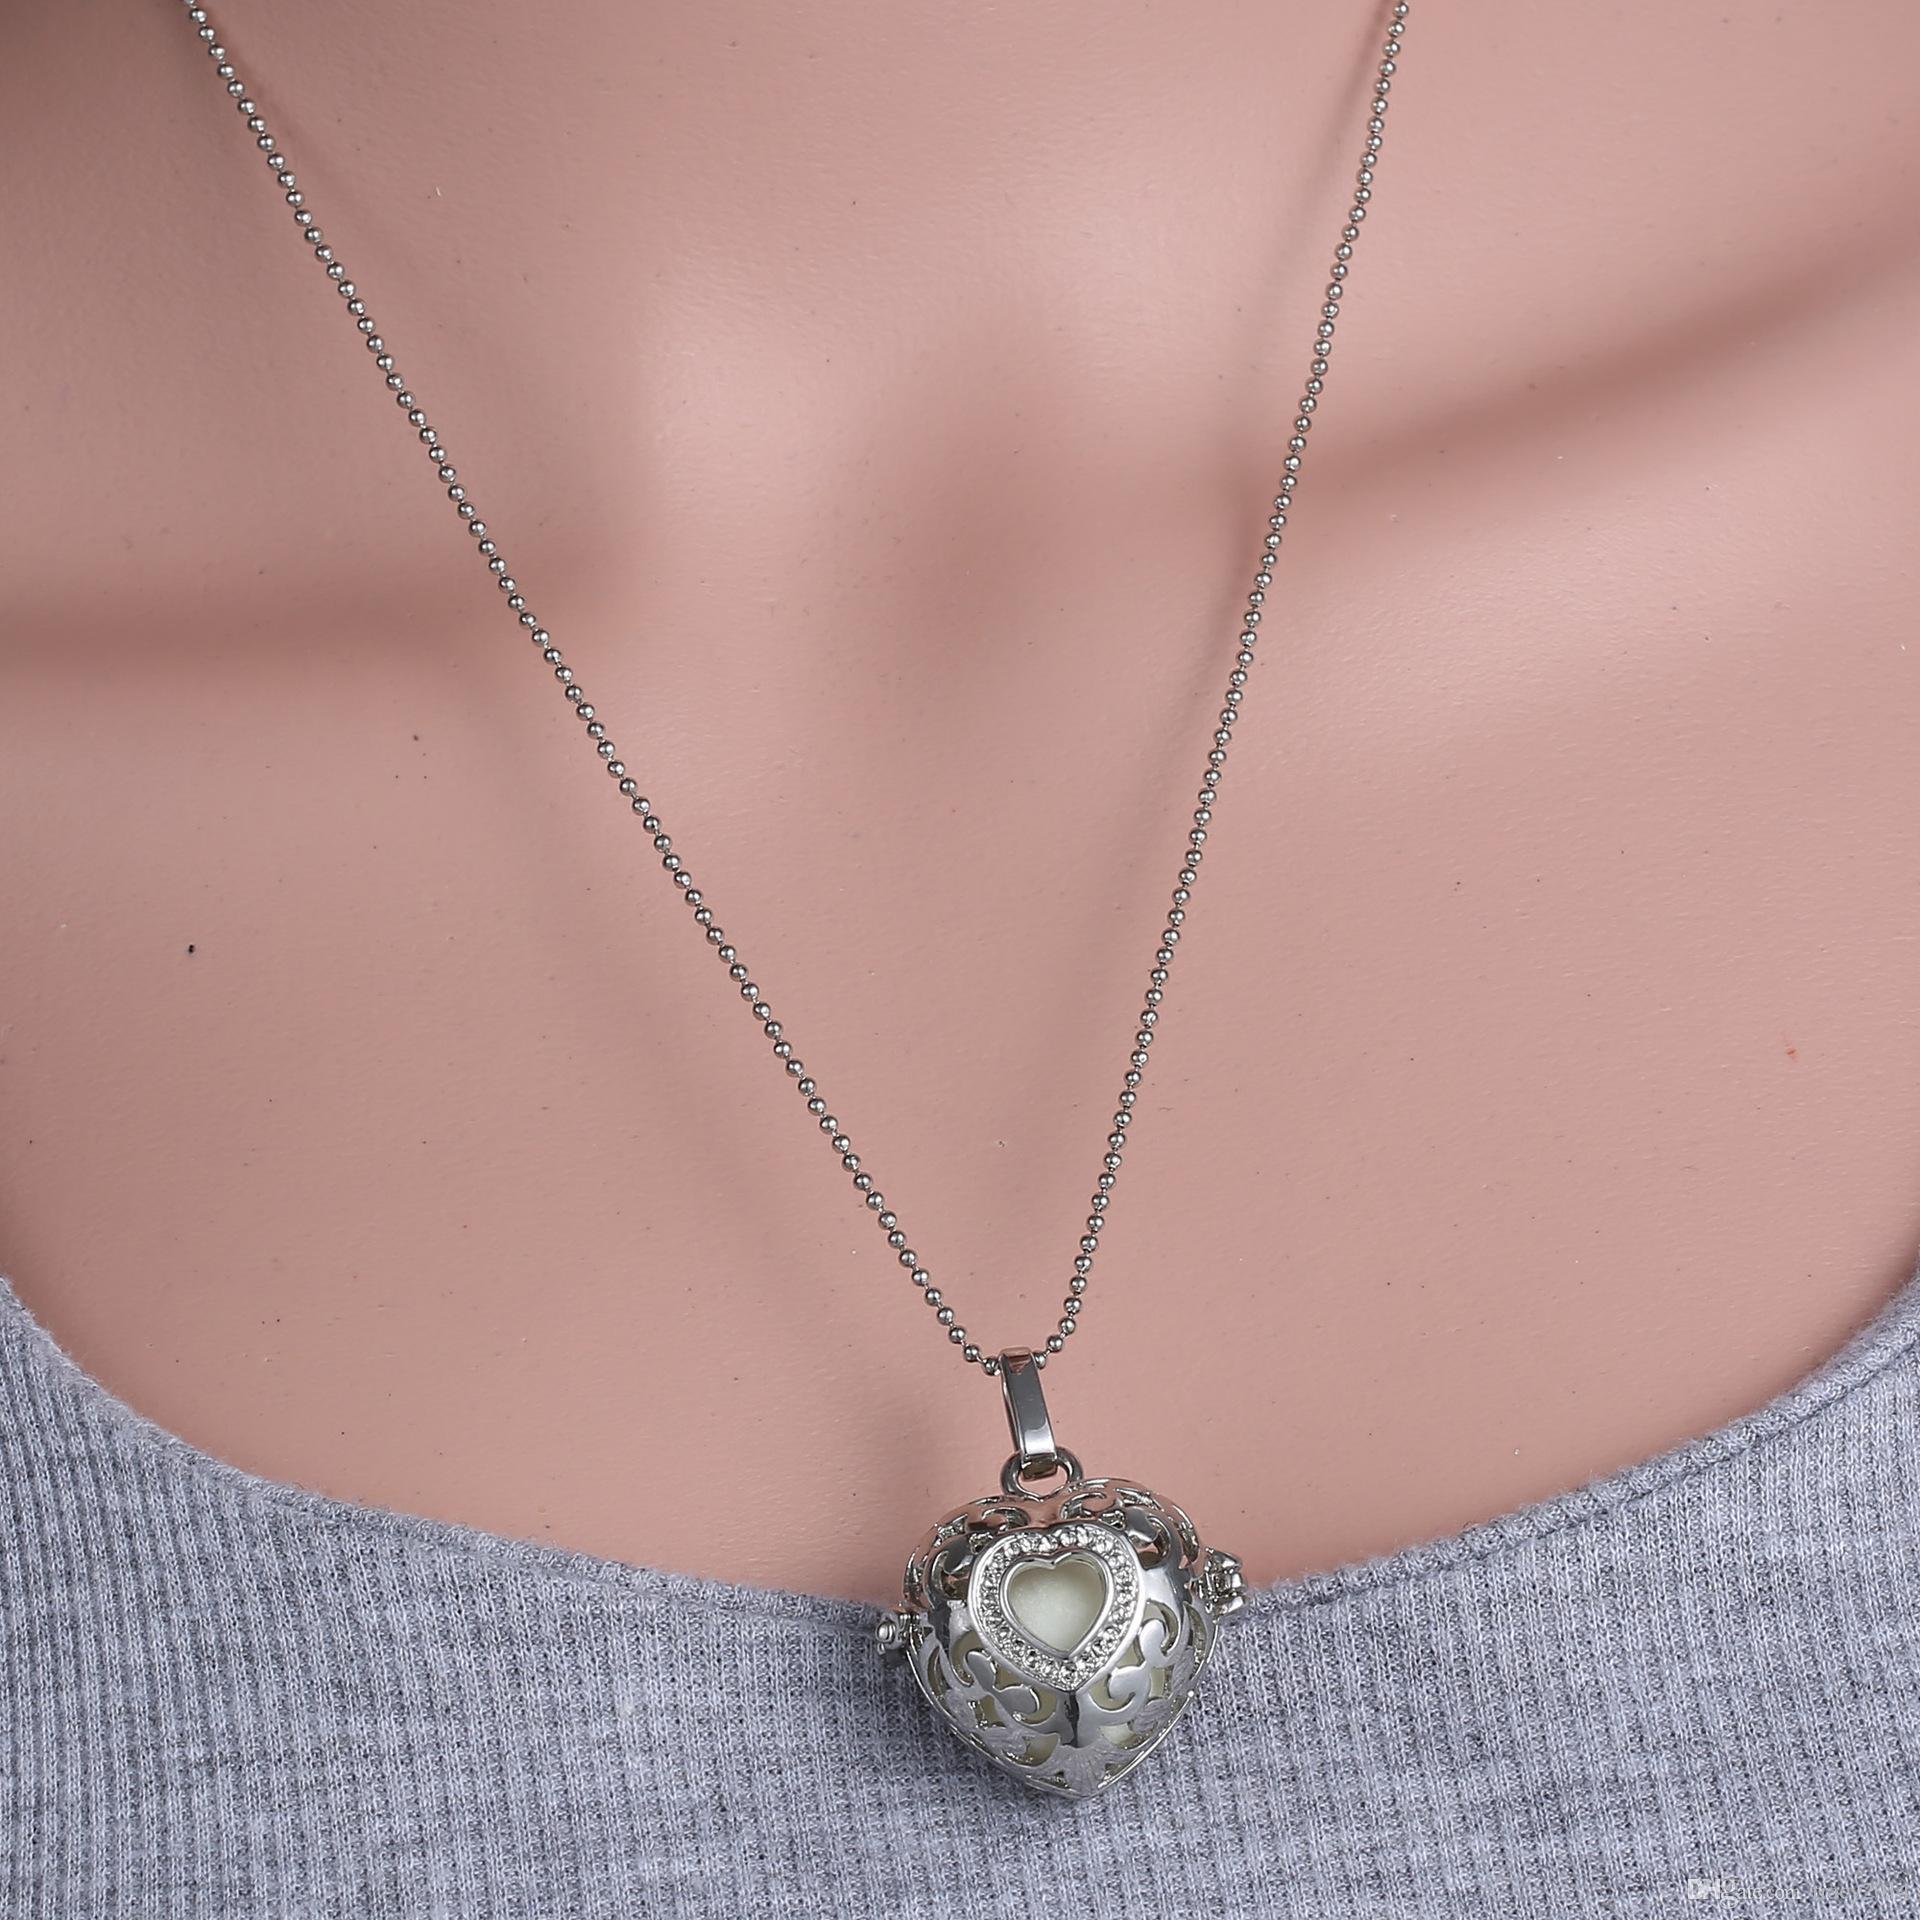 Acheter Boule De Grossesse De Boule D'harmonie De LED Dans Des Pendants  Pendentif Creux De Chaîne De Clavicule En Forme De Coeur Boule D'ange De ...